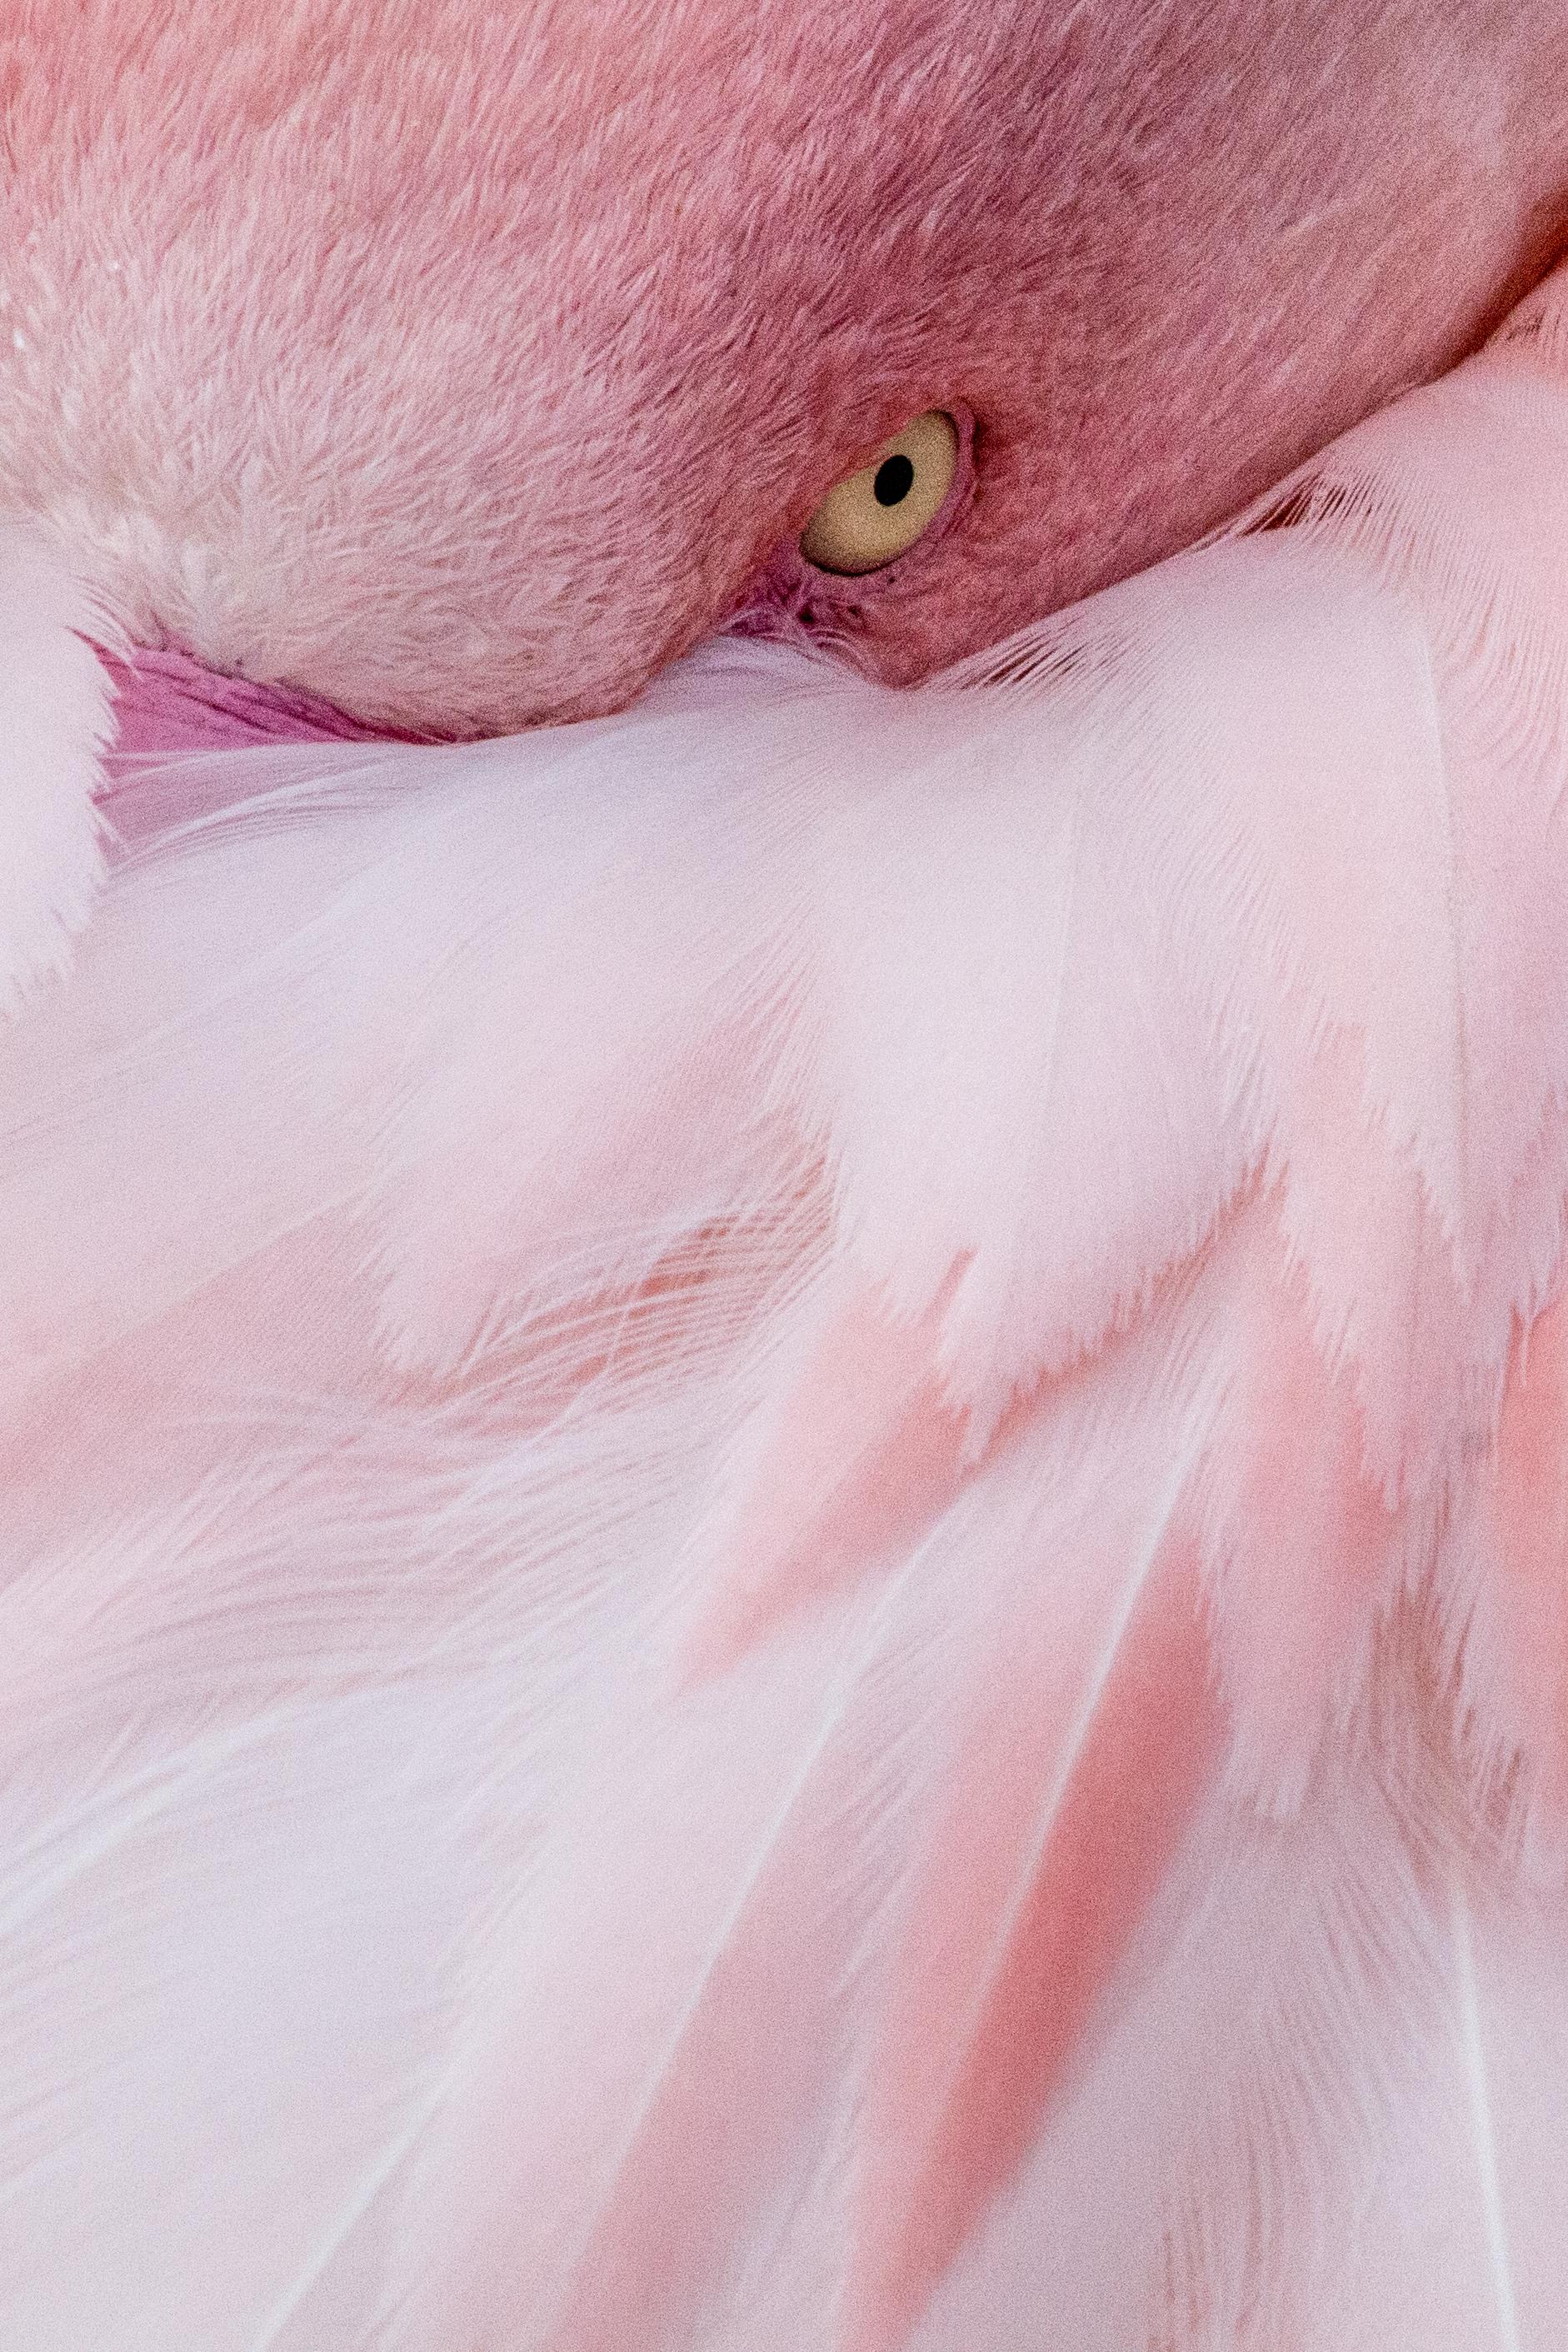 Flamingo   EOS 70D - F/22 - 1/250 Sek - ISO 800 - 270mm